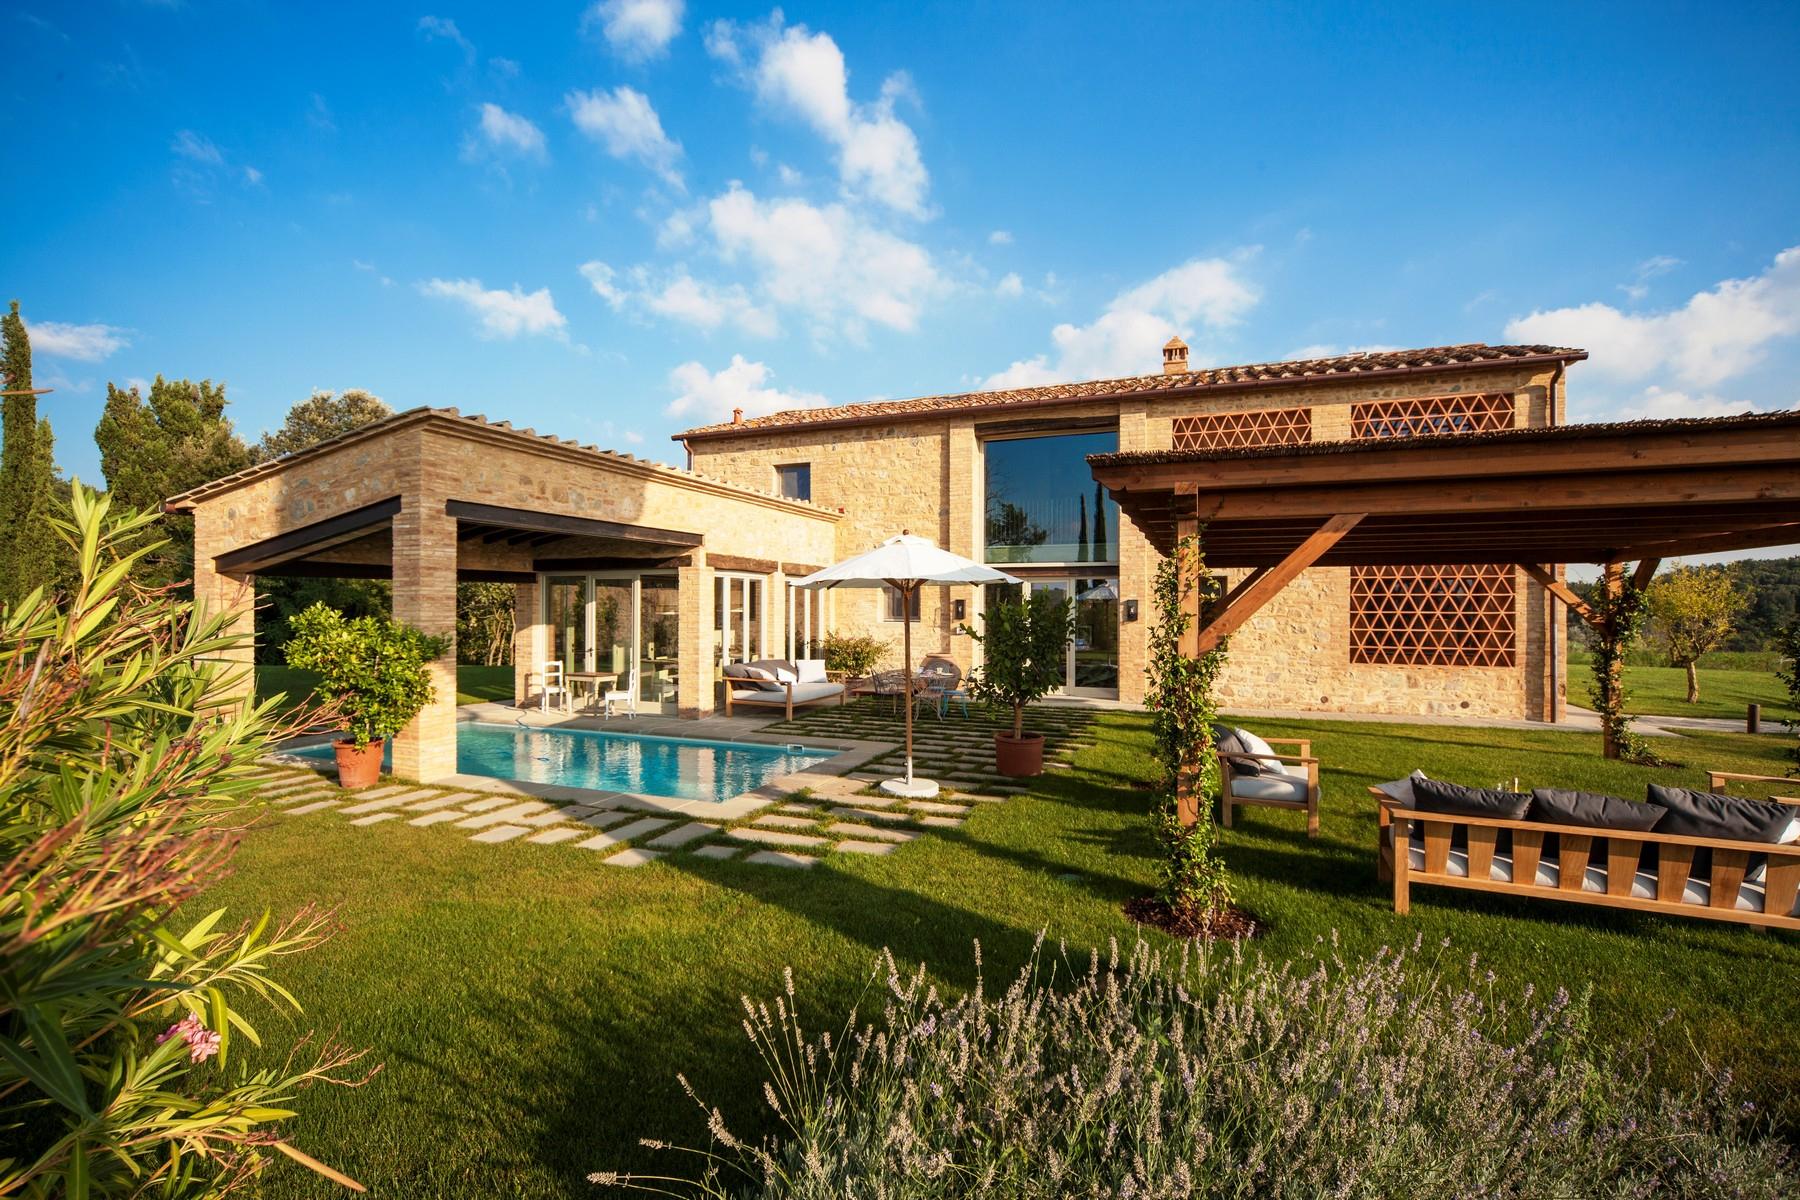 Villa in Vendita a Montaione via poggiali